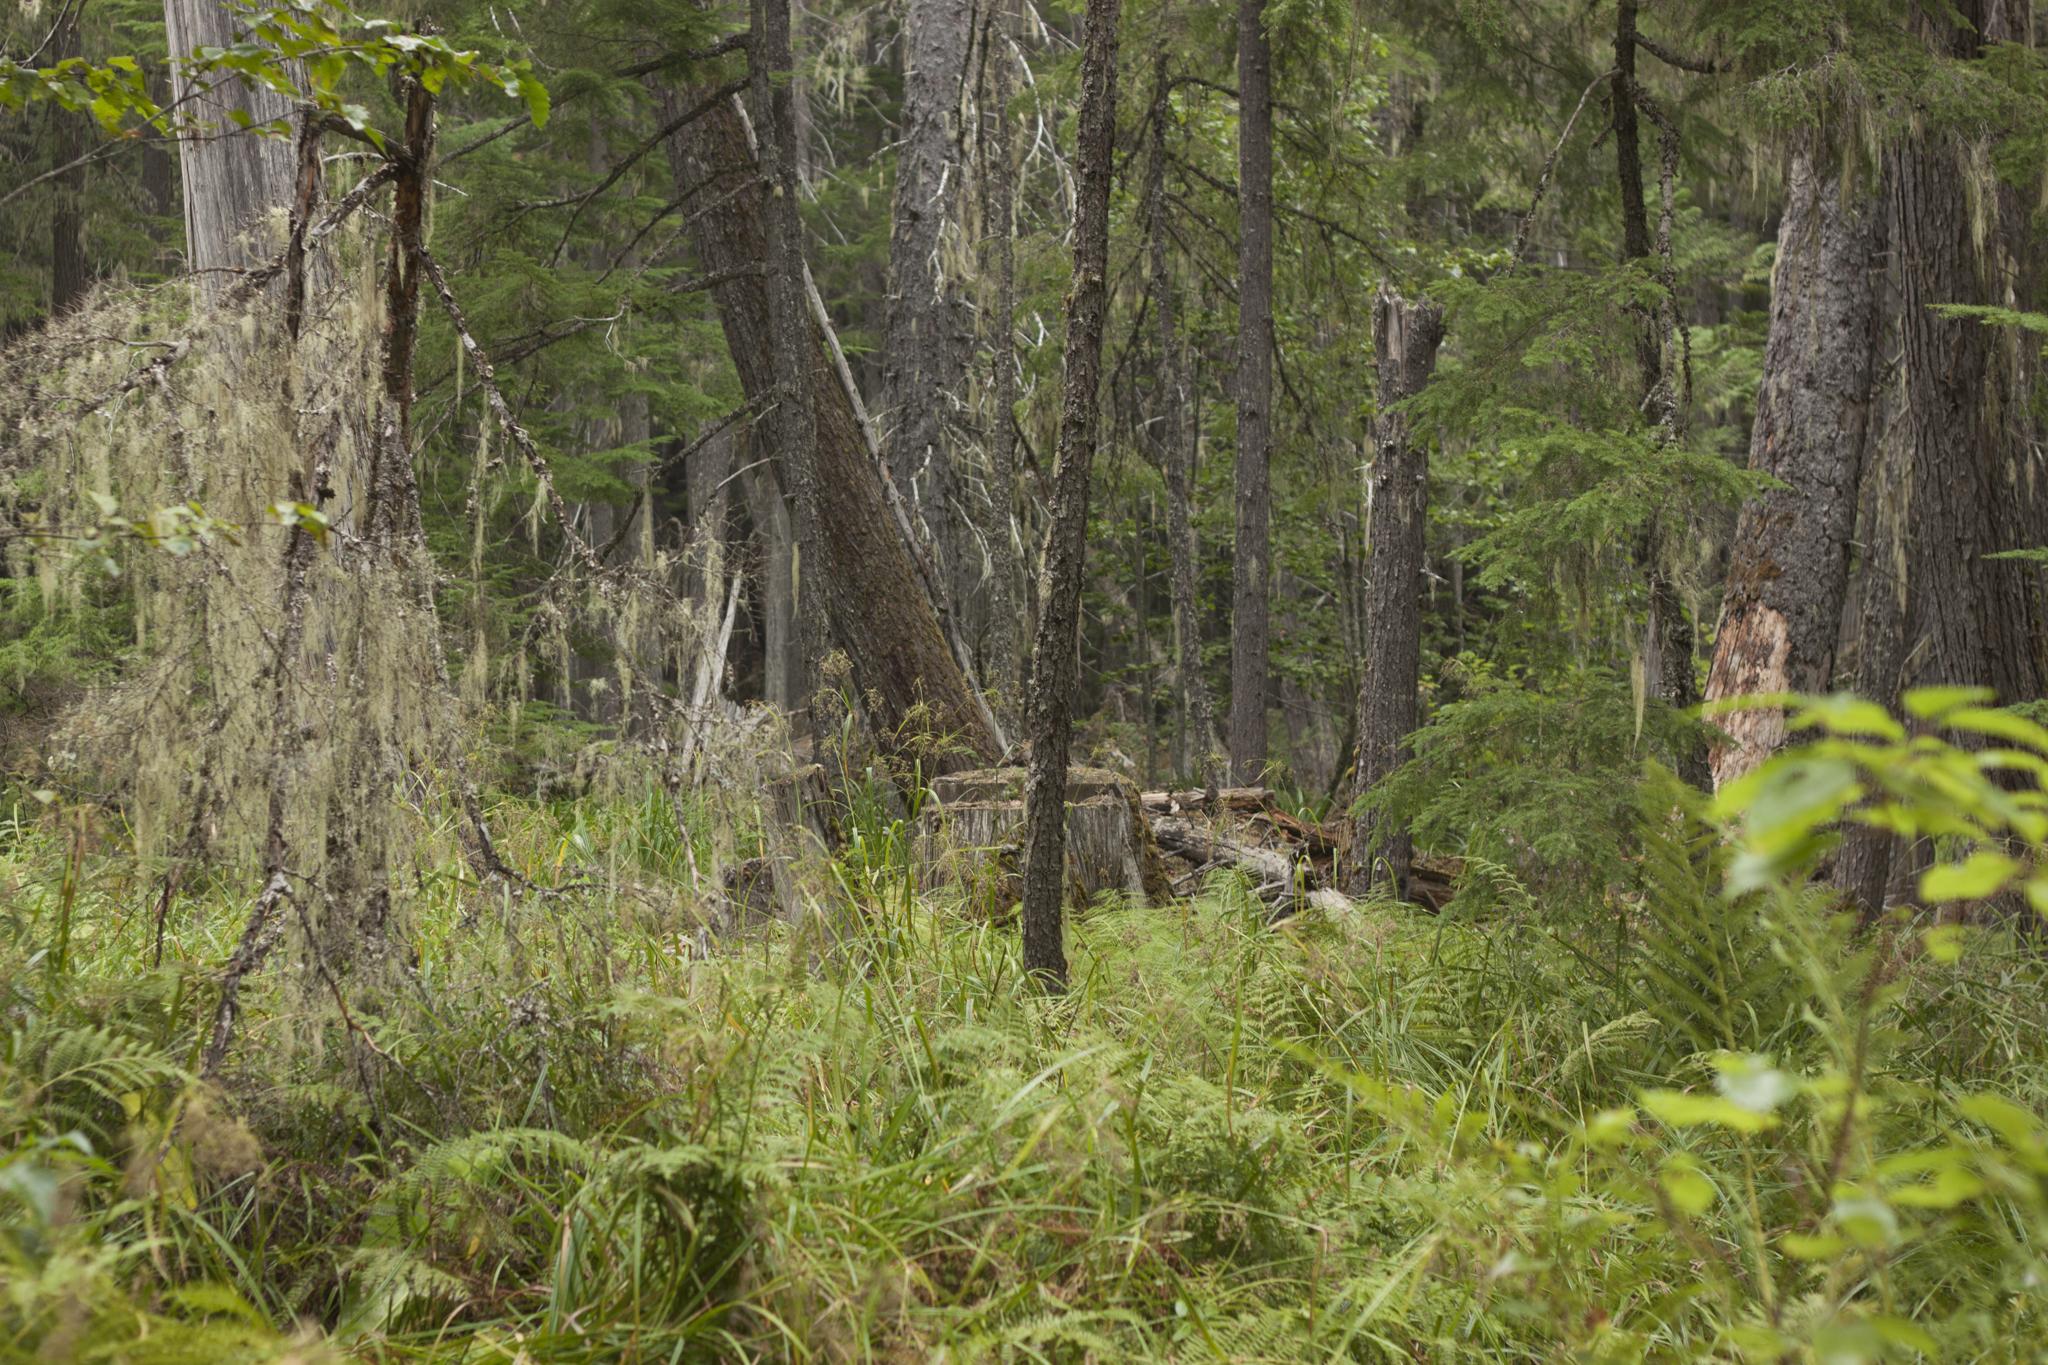 20150828 - Monashees Mushroom Picking - Ned Tobin - 77